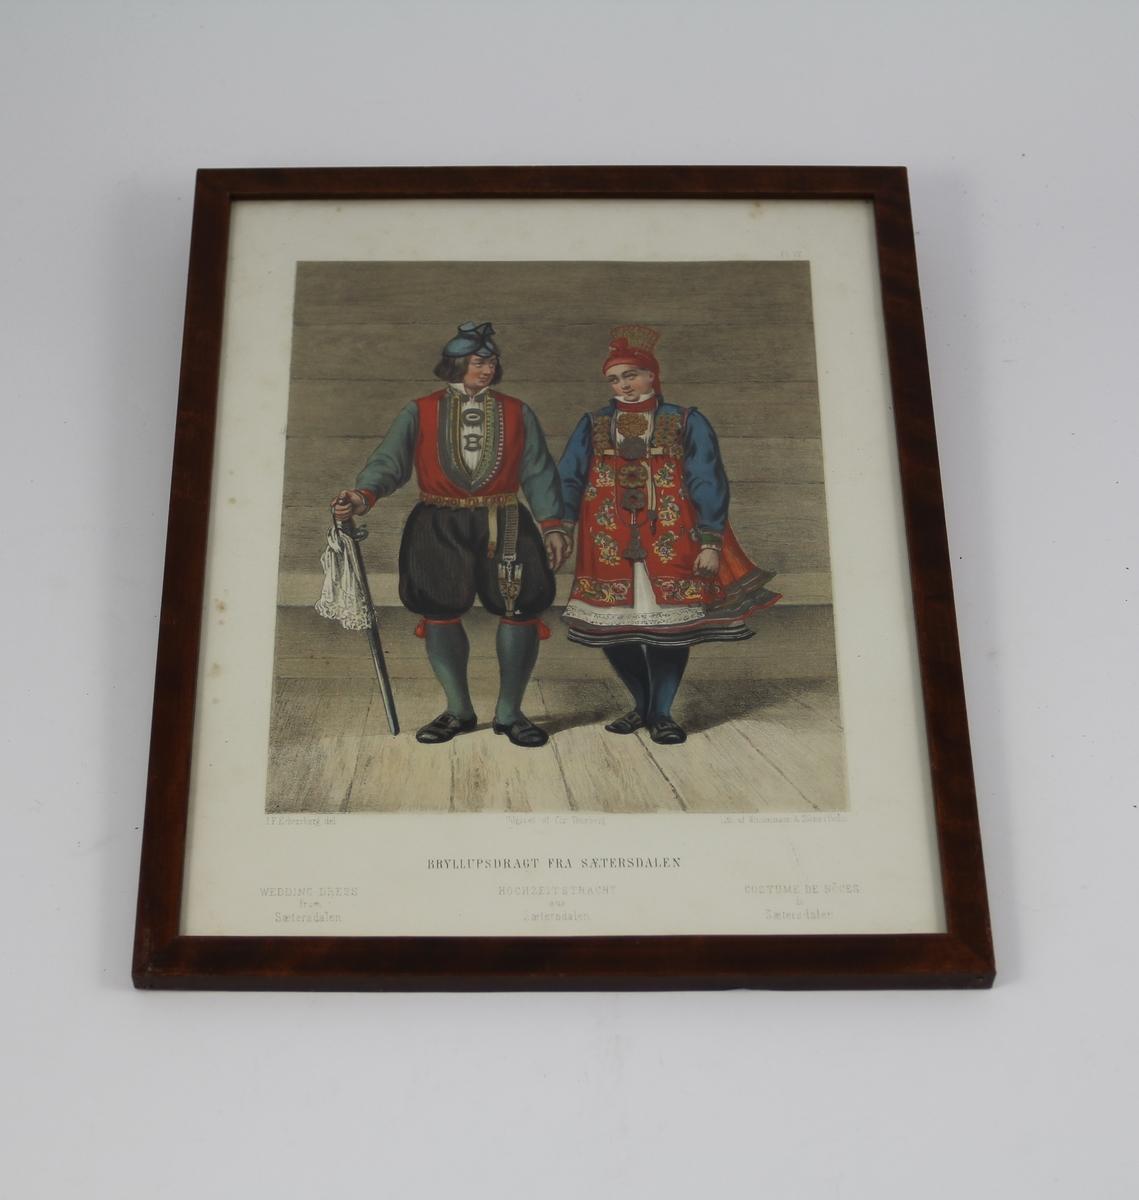 Til venstre en mann i setesdalsdrakt, med sabel i høyre hånd. Til venstre en kvinne i bryllupsdrakt fra Setesdal, med rødt, brodert skjørt ytterst.